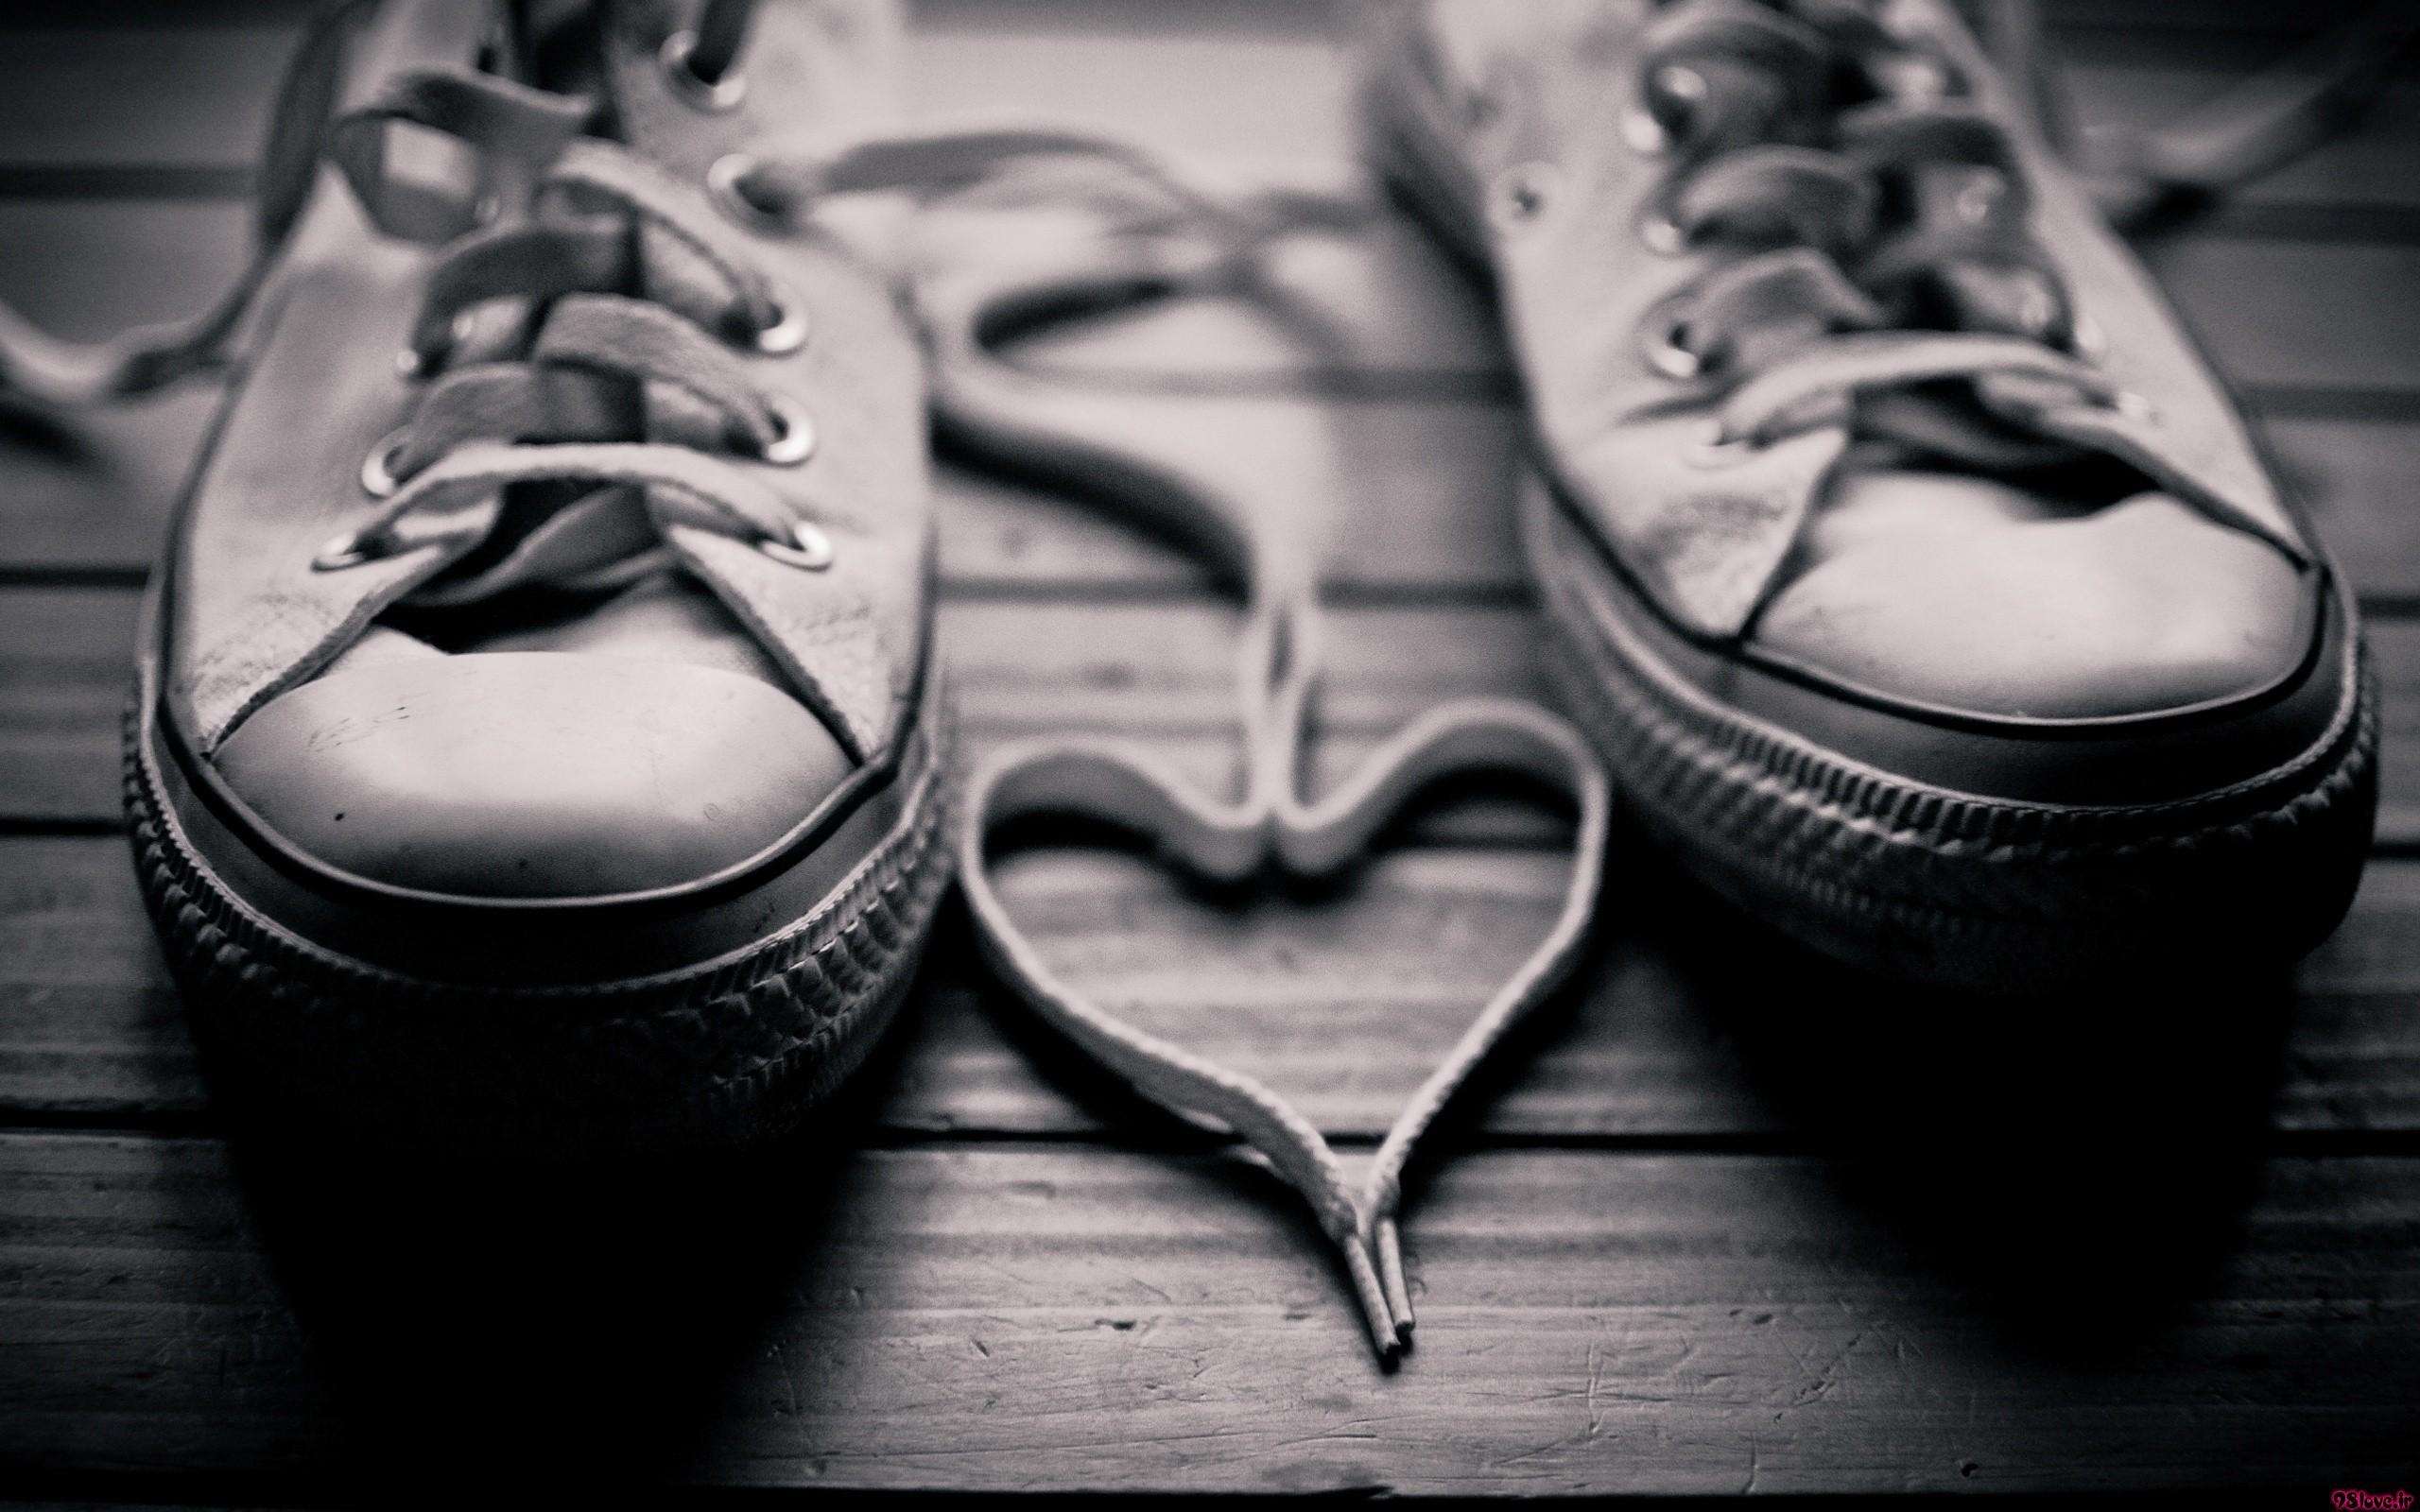 عکس های عاشقانه با کیفیت hd